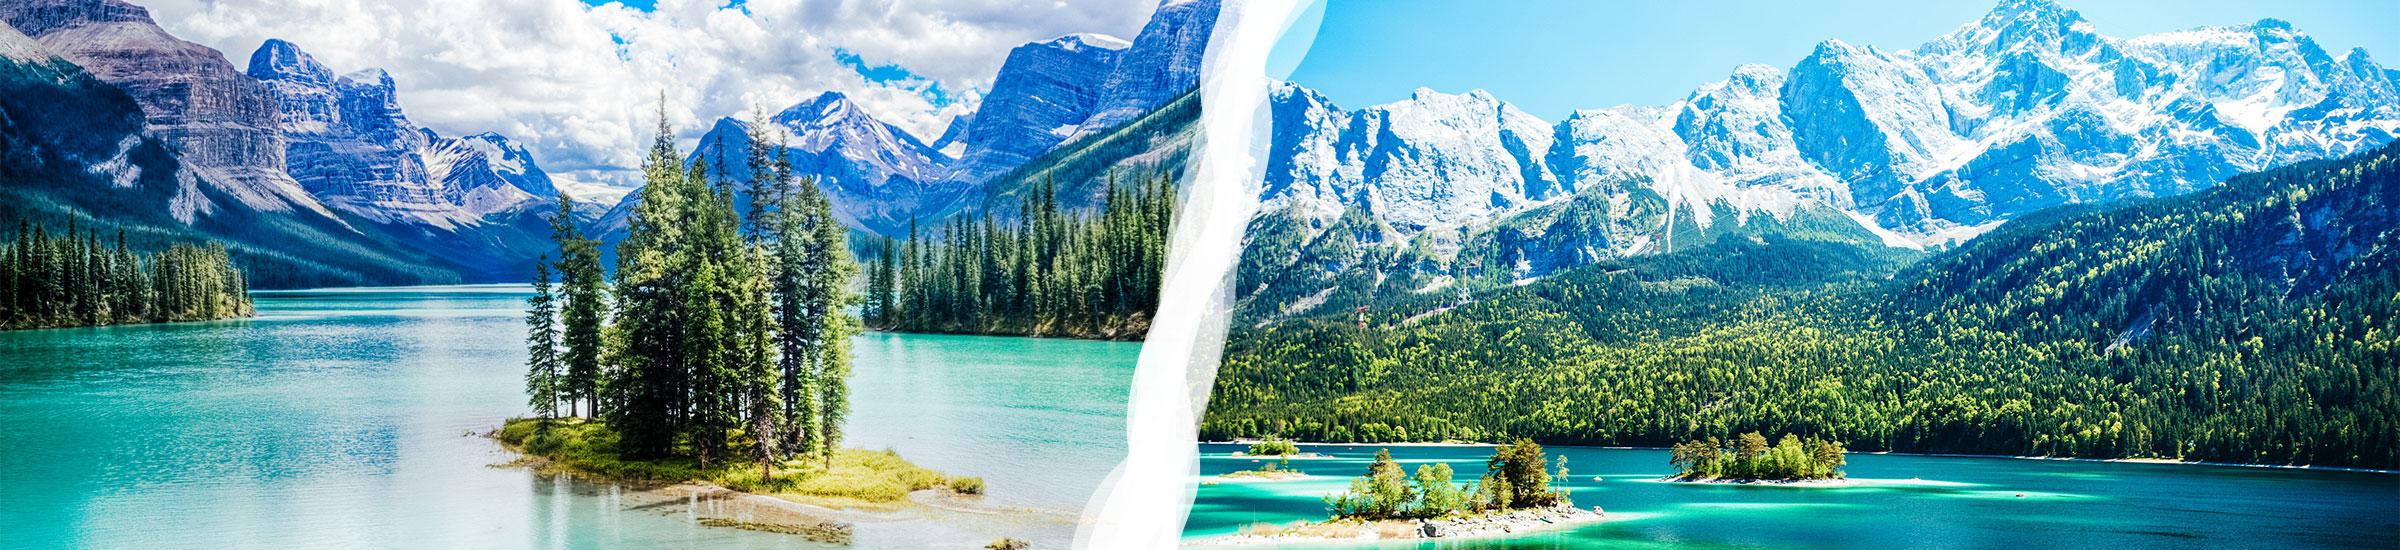 Zweigeteiltes Bilder mit weißem Trenner, links Maligne Lake in Kanada, rechts Eibsee in Bayern